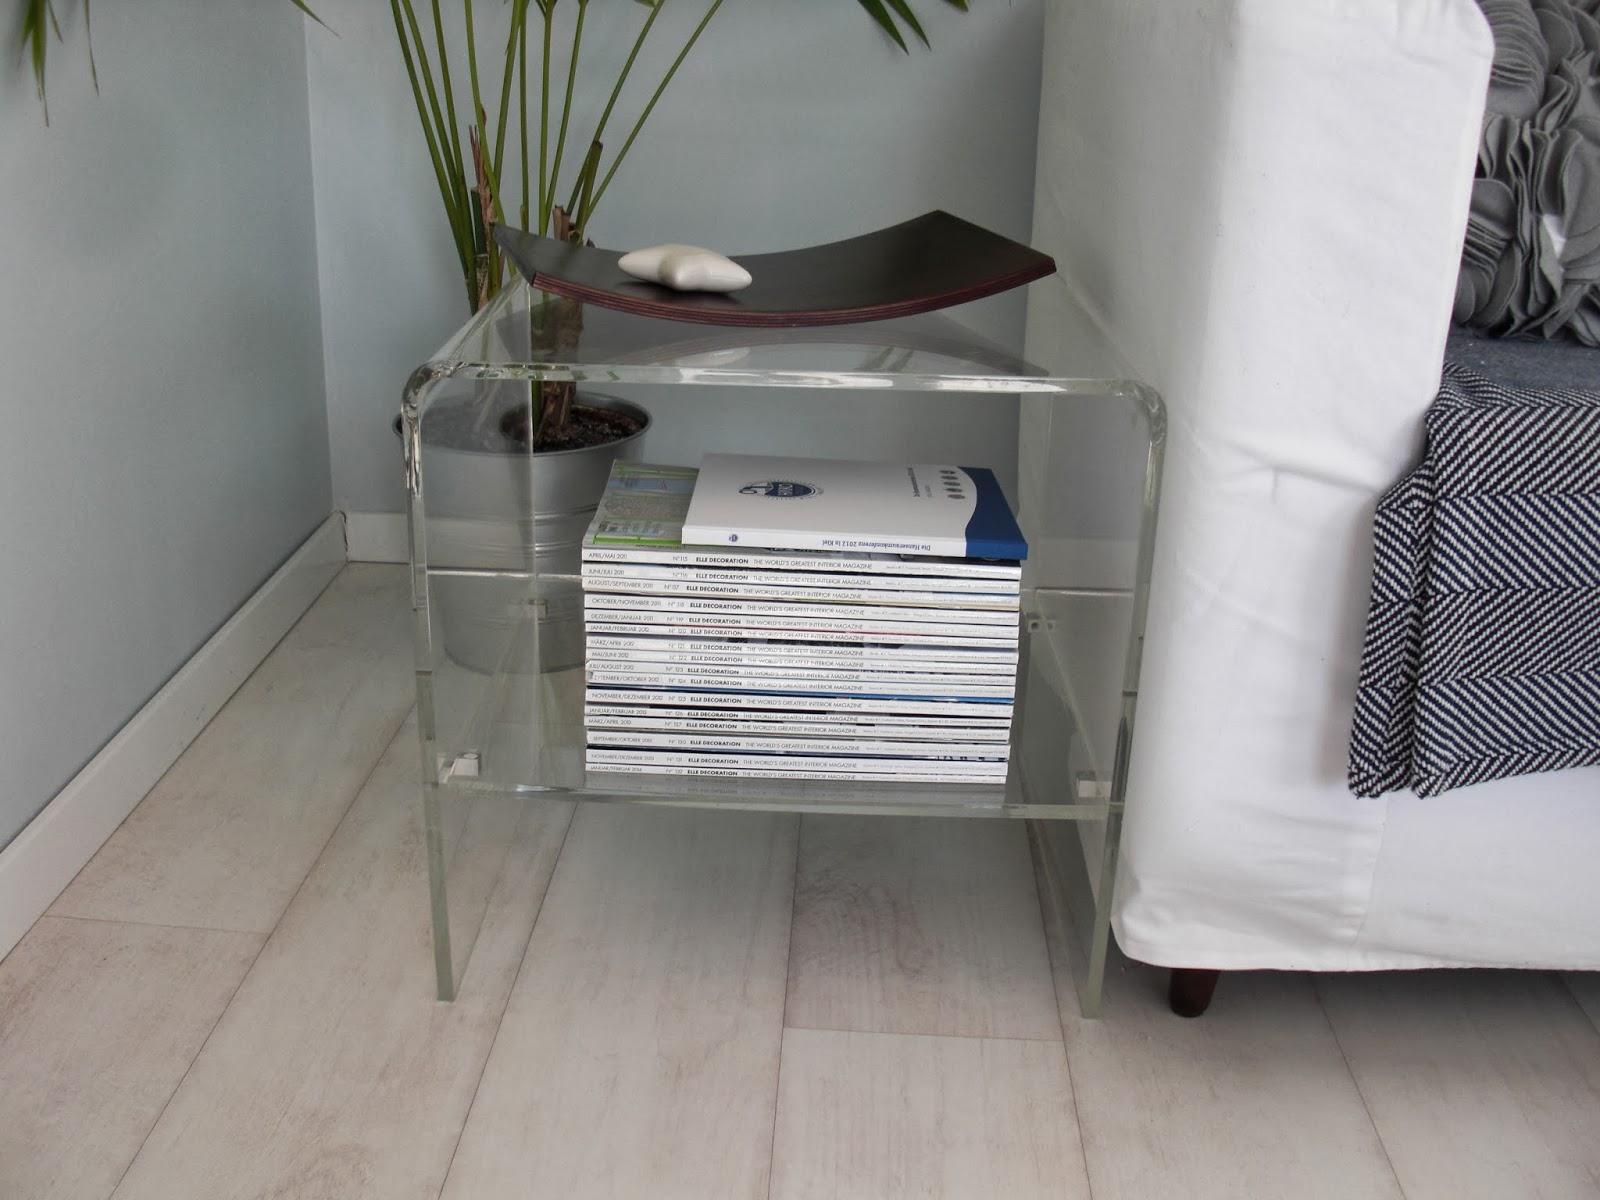 heim elich tische im wohnzimmer die erste. Black Bedroom Furniture Sets. Home Design Ideas